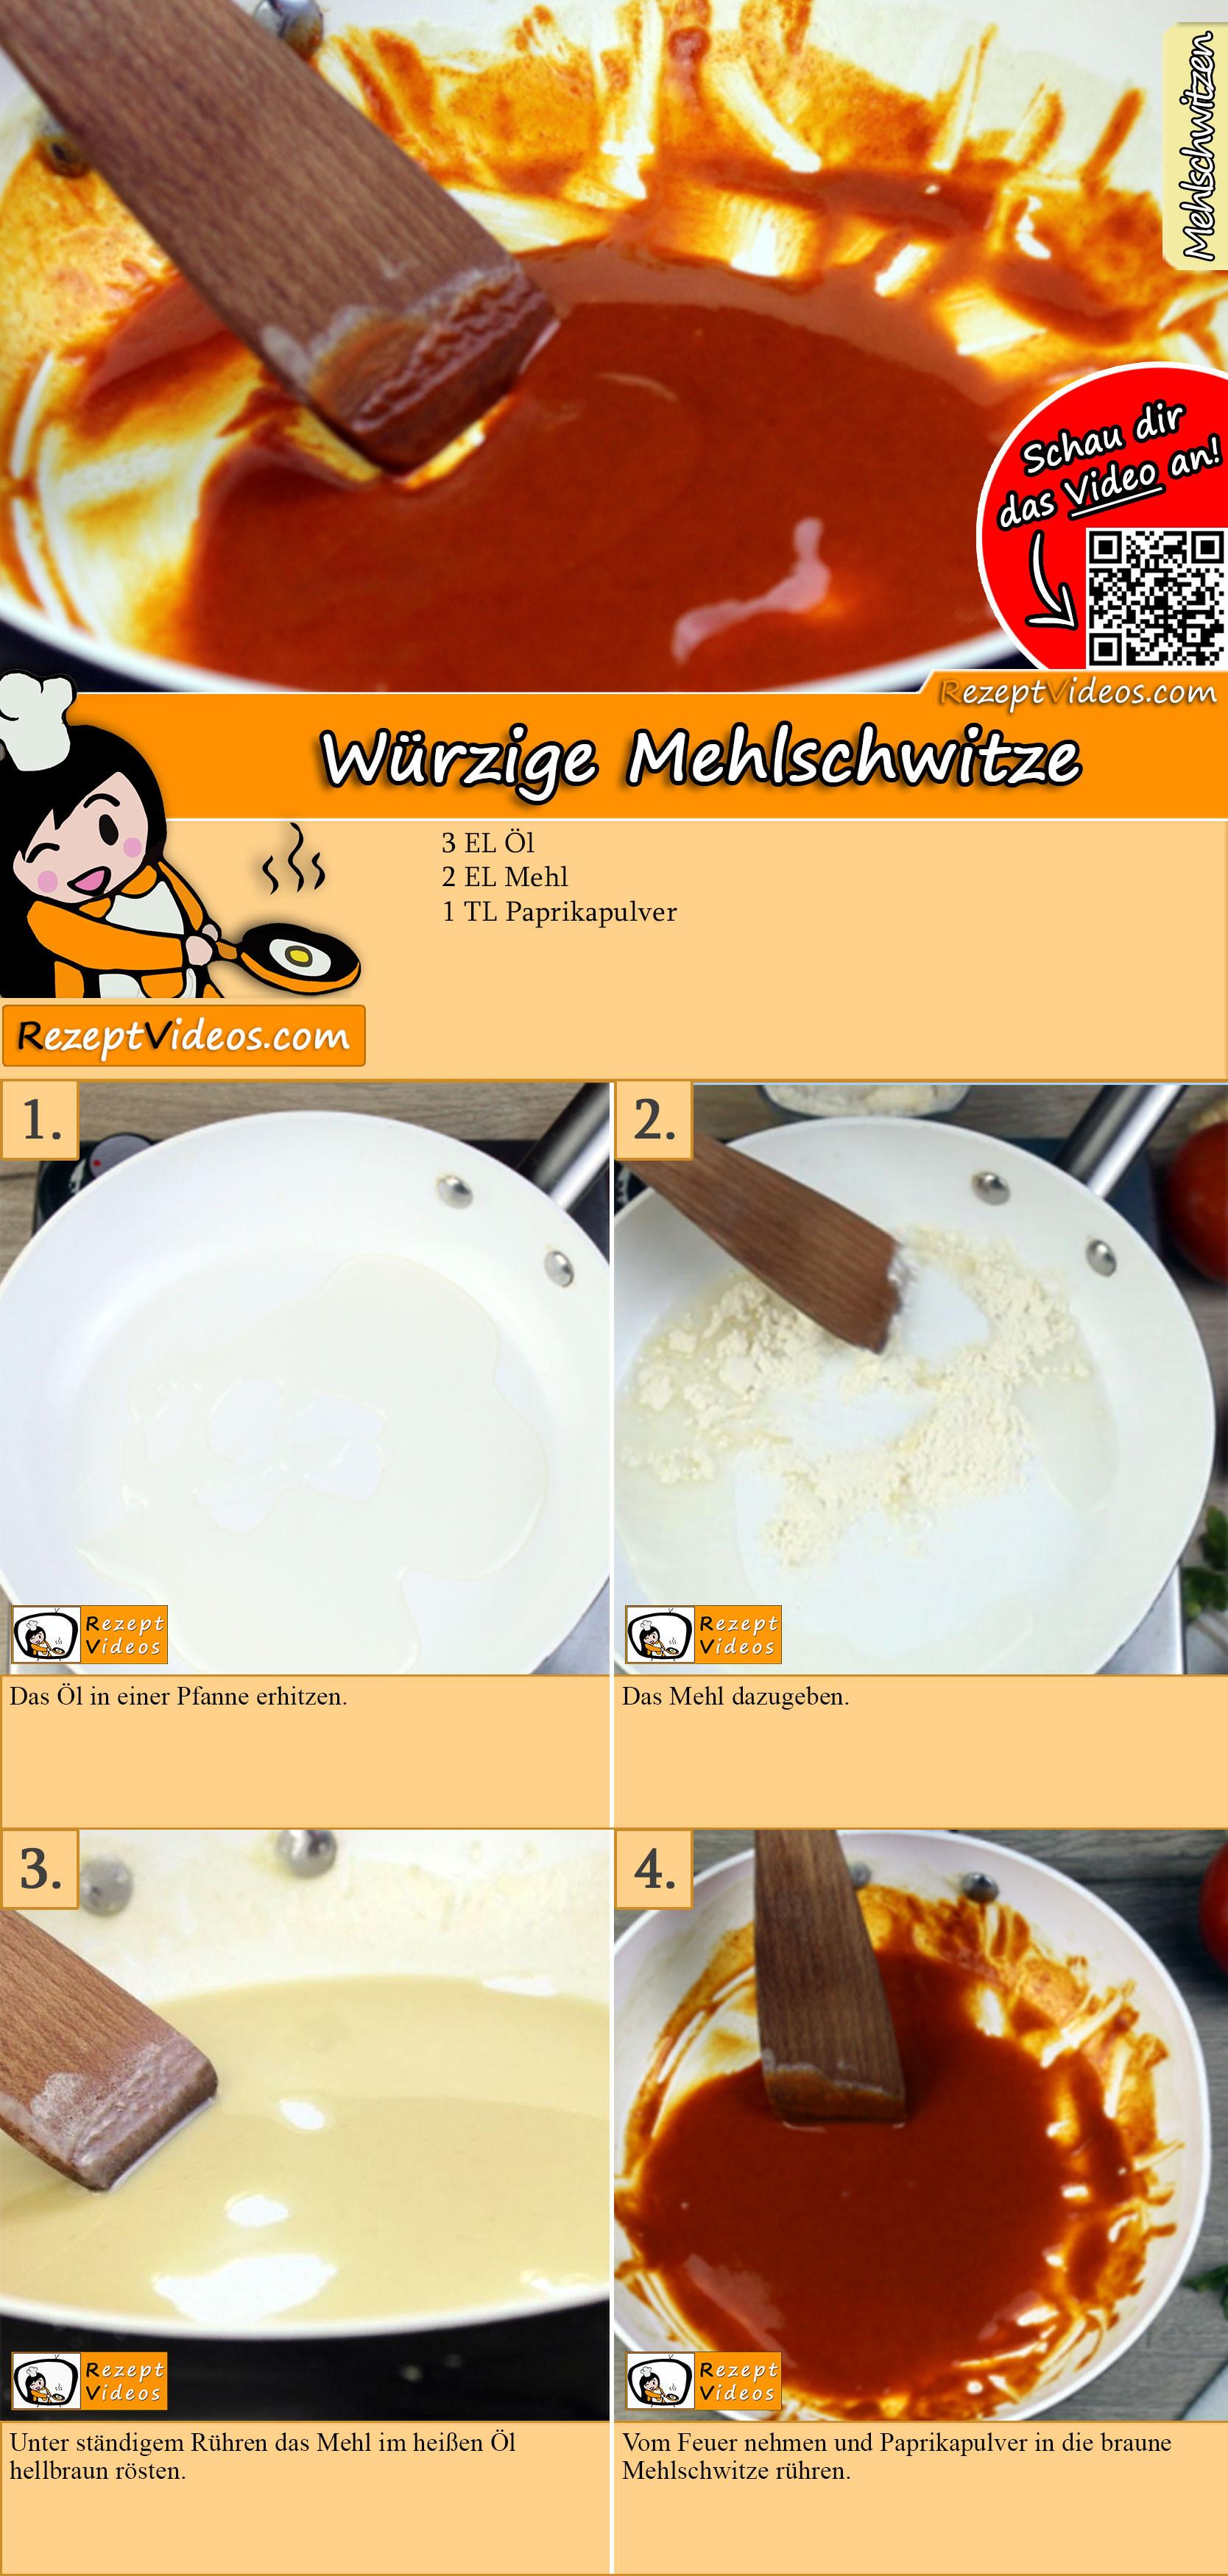 Würzige Mehlschwitze Rezept mit Video